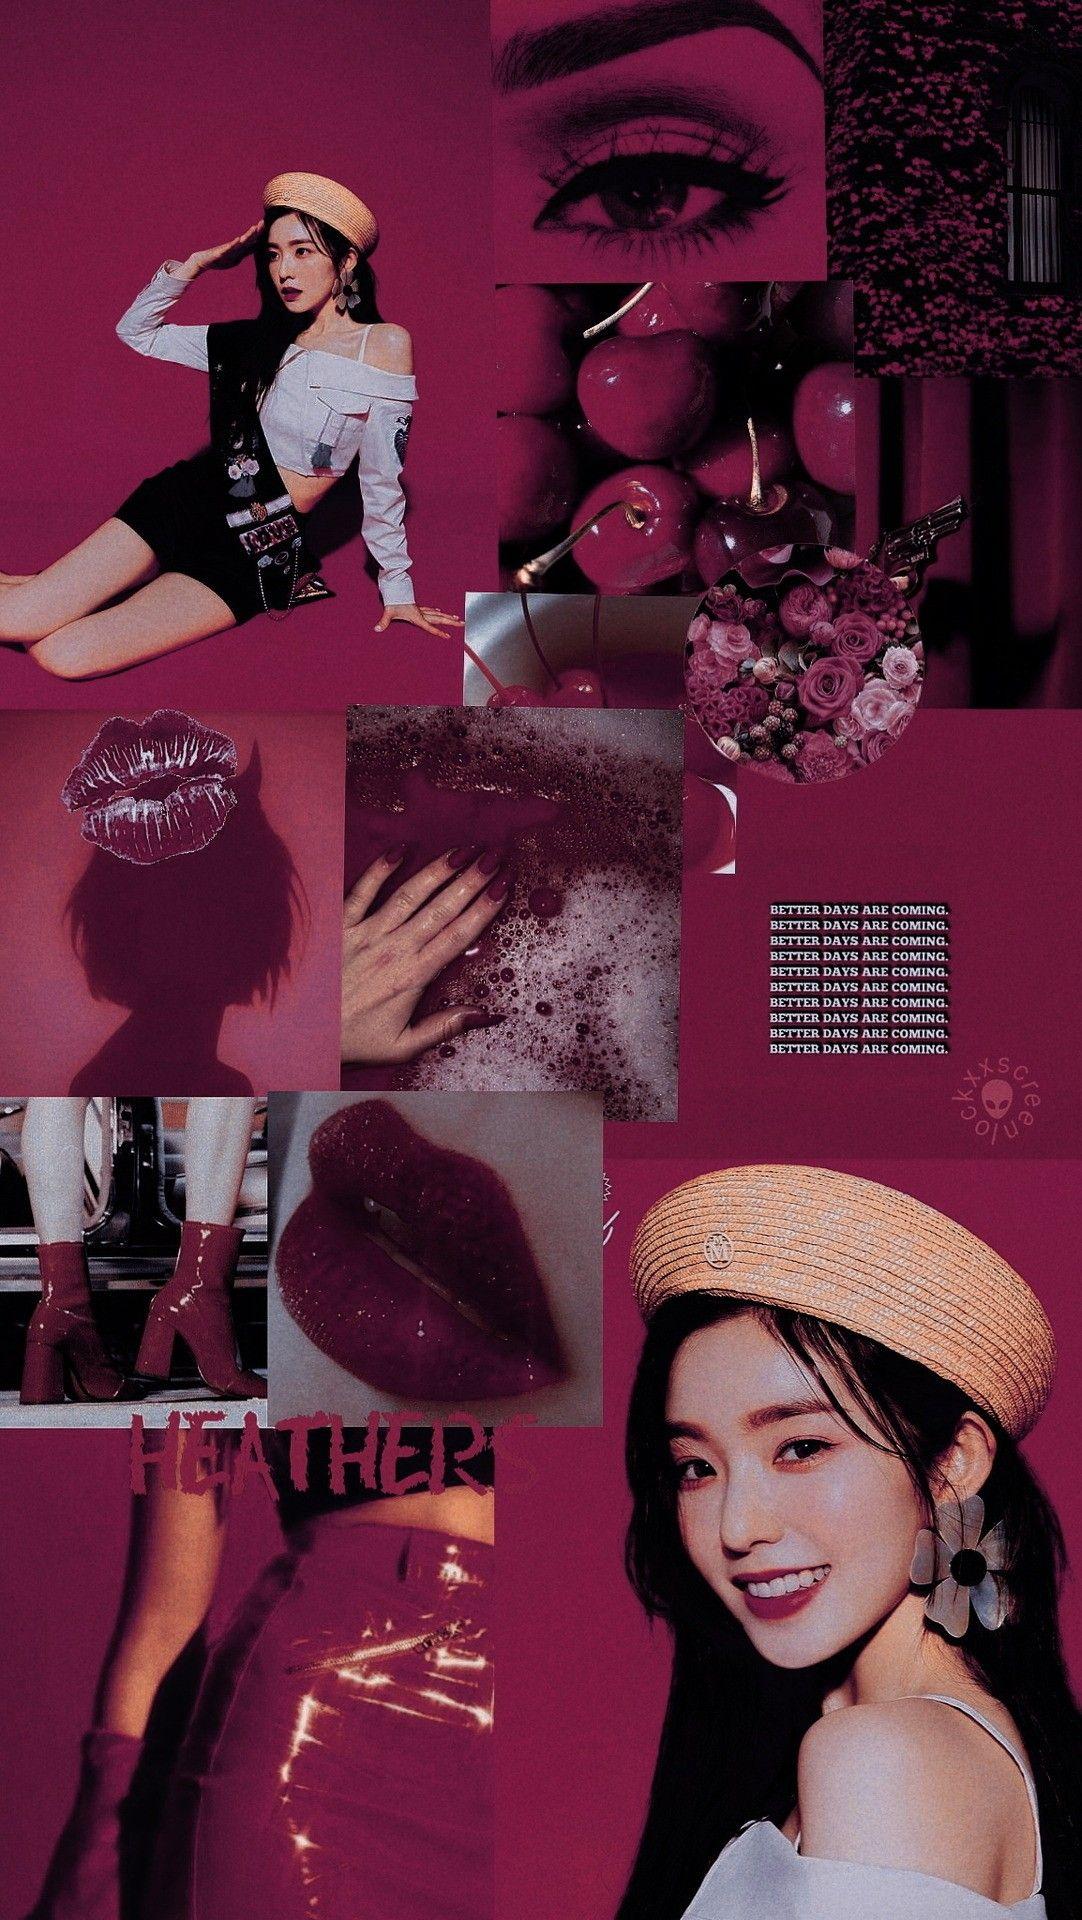 Red Velvet Irene Aesthetic Wallpaper Velvet Wallpaper Red Velvet Irene Red Wallpaper